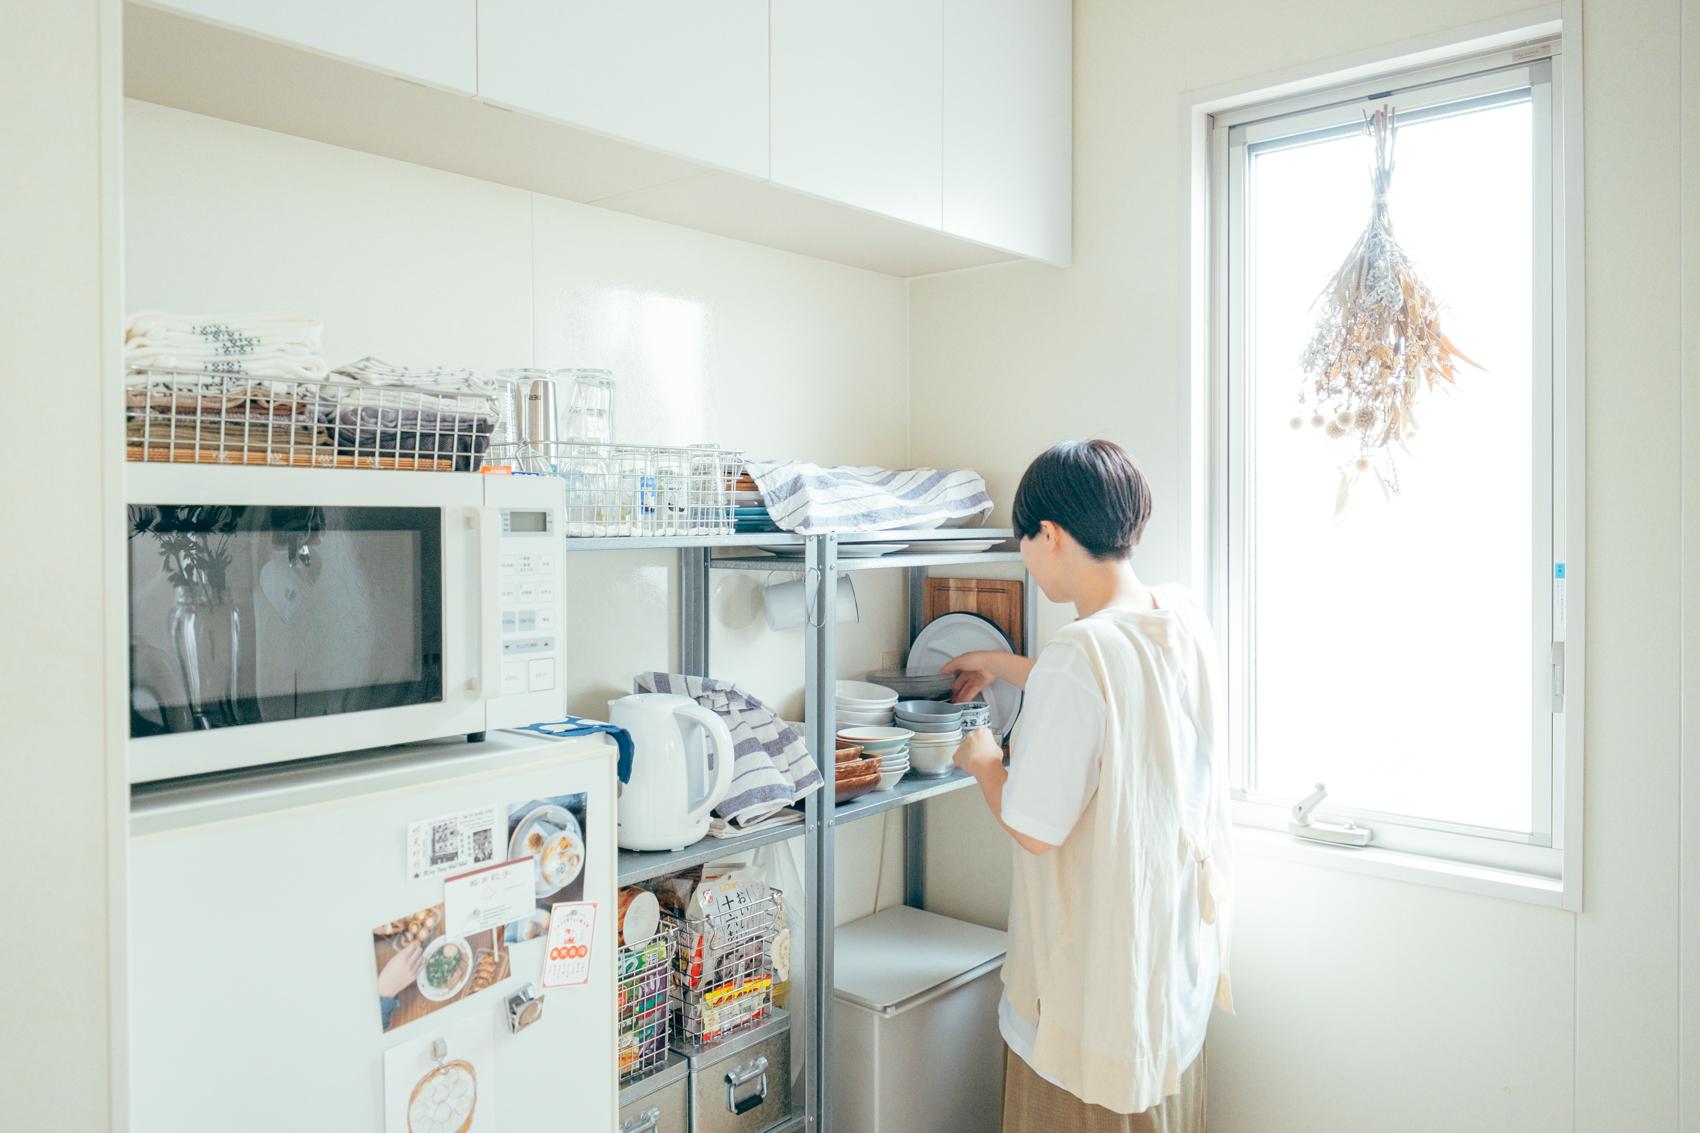 白のこだわりは日当たりの良いキッチンにも。大きな窓からの光がキッチンの時間も楽しくしてくれそう。